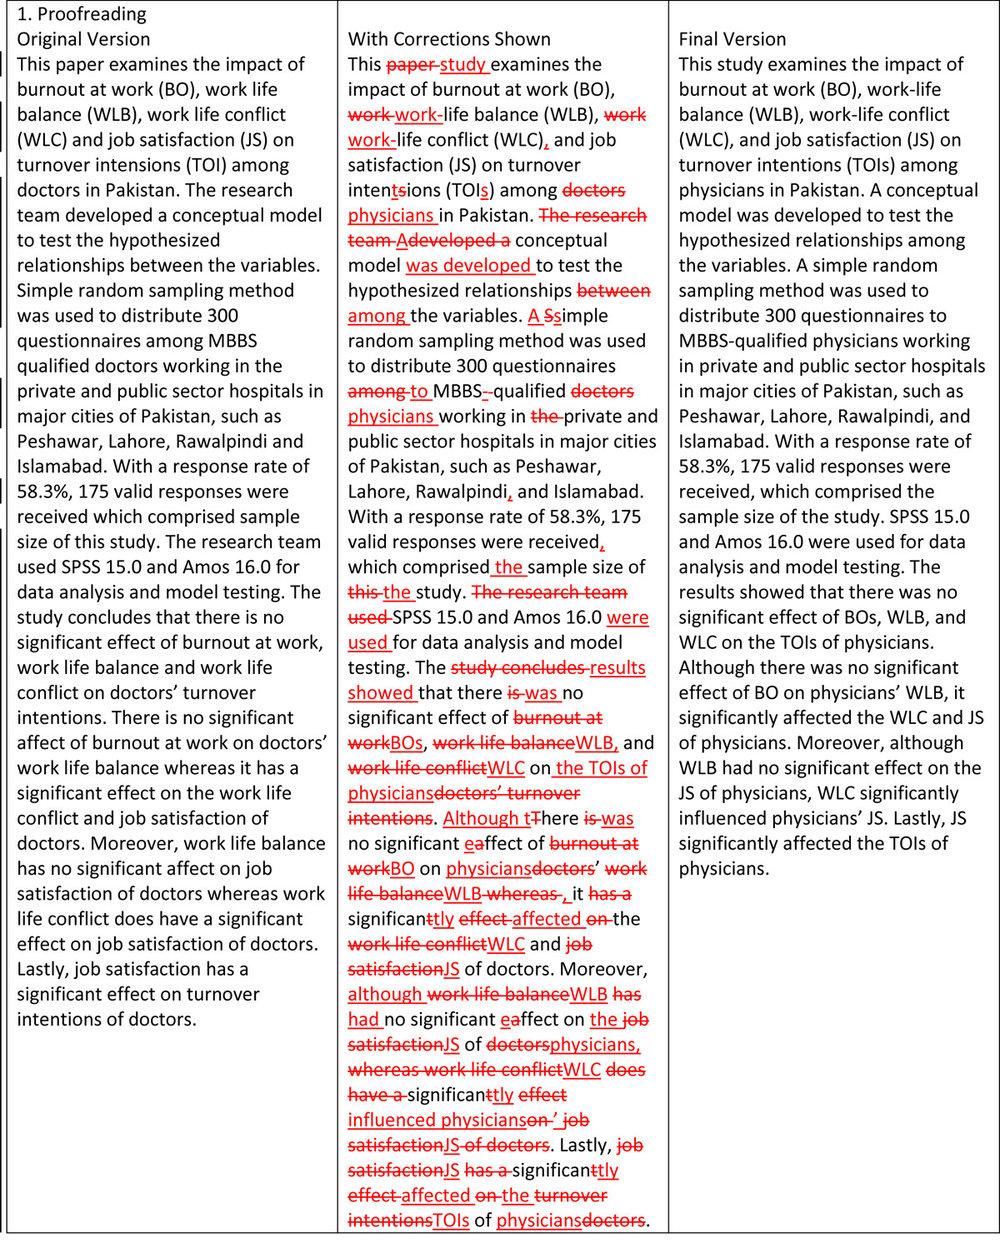 Sample Editing 1 JPEGMini.jpg